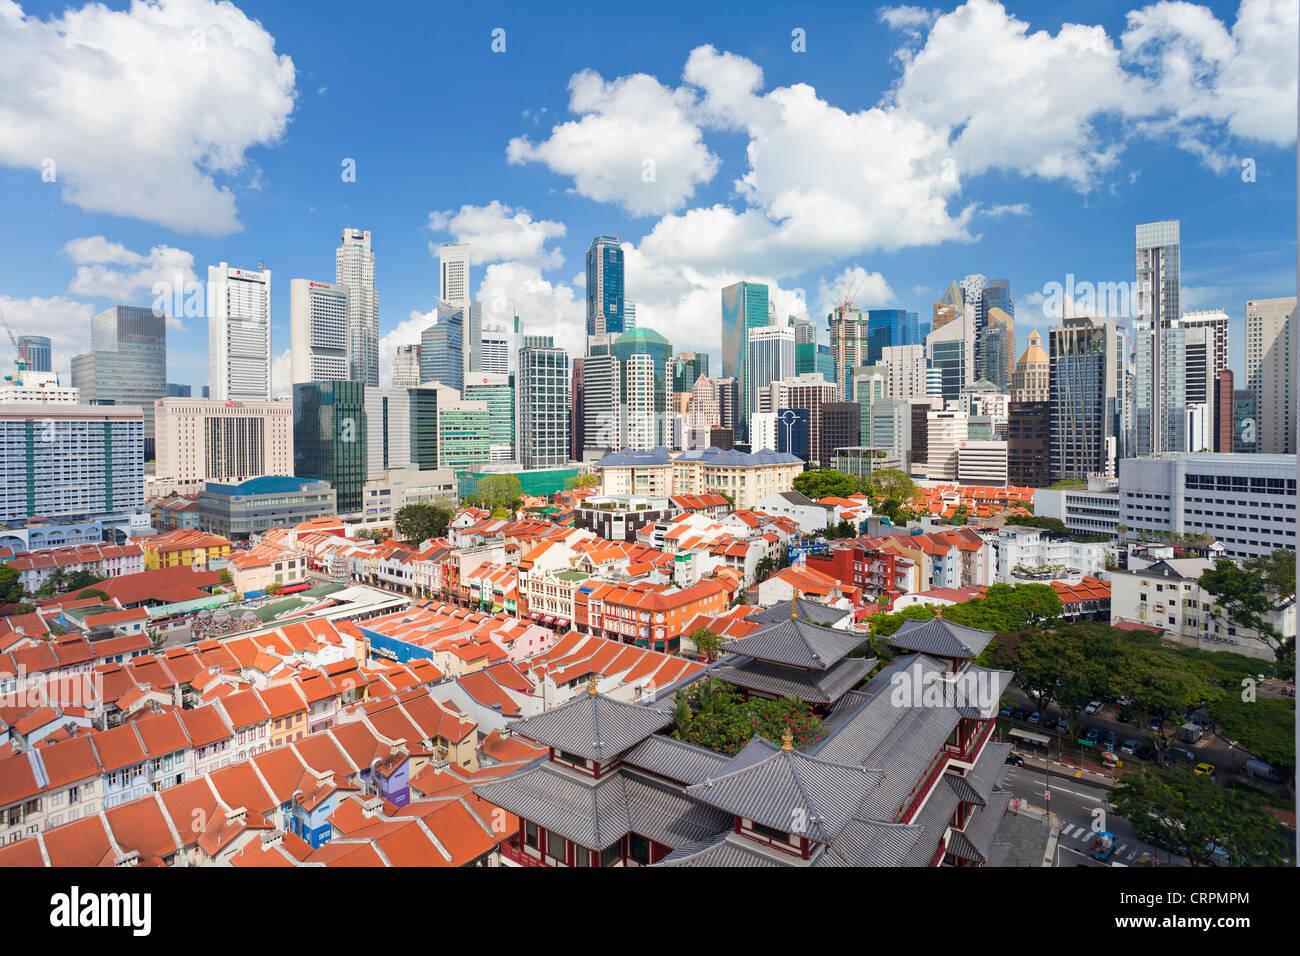 Vue sur des maisons traditionnelles à Chinatown, à Singapour, en Asie du Sud-Est, l'Asie Photo Stock